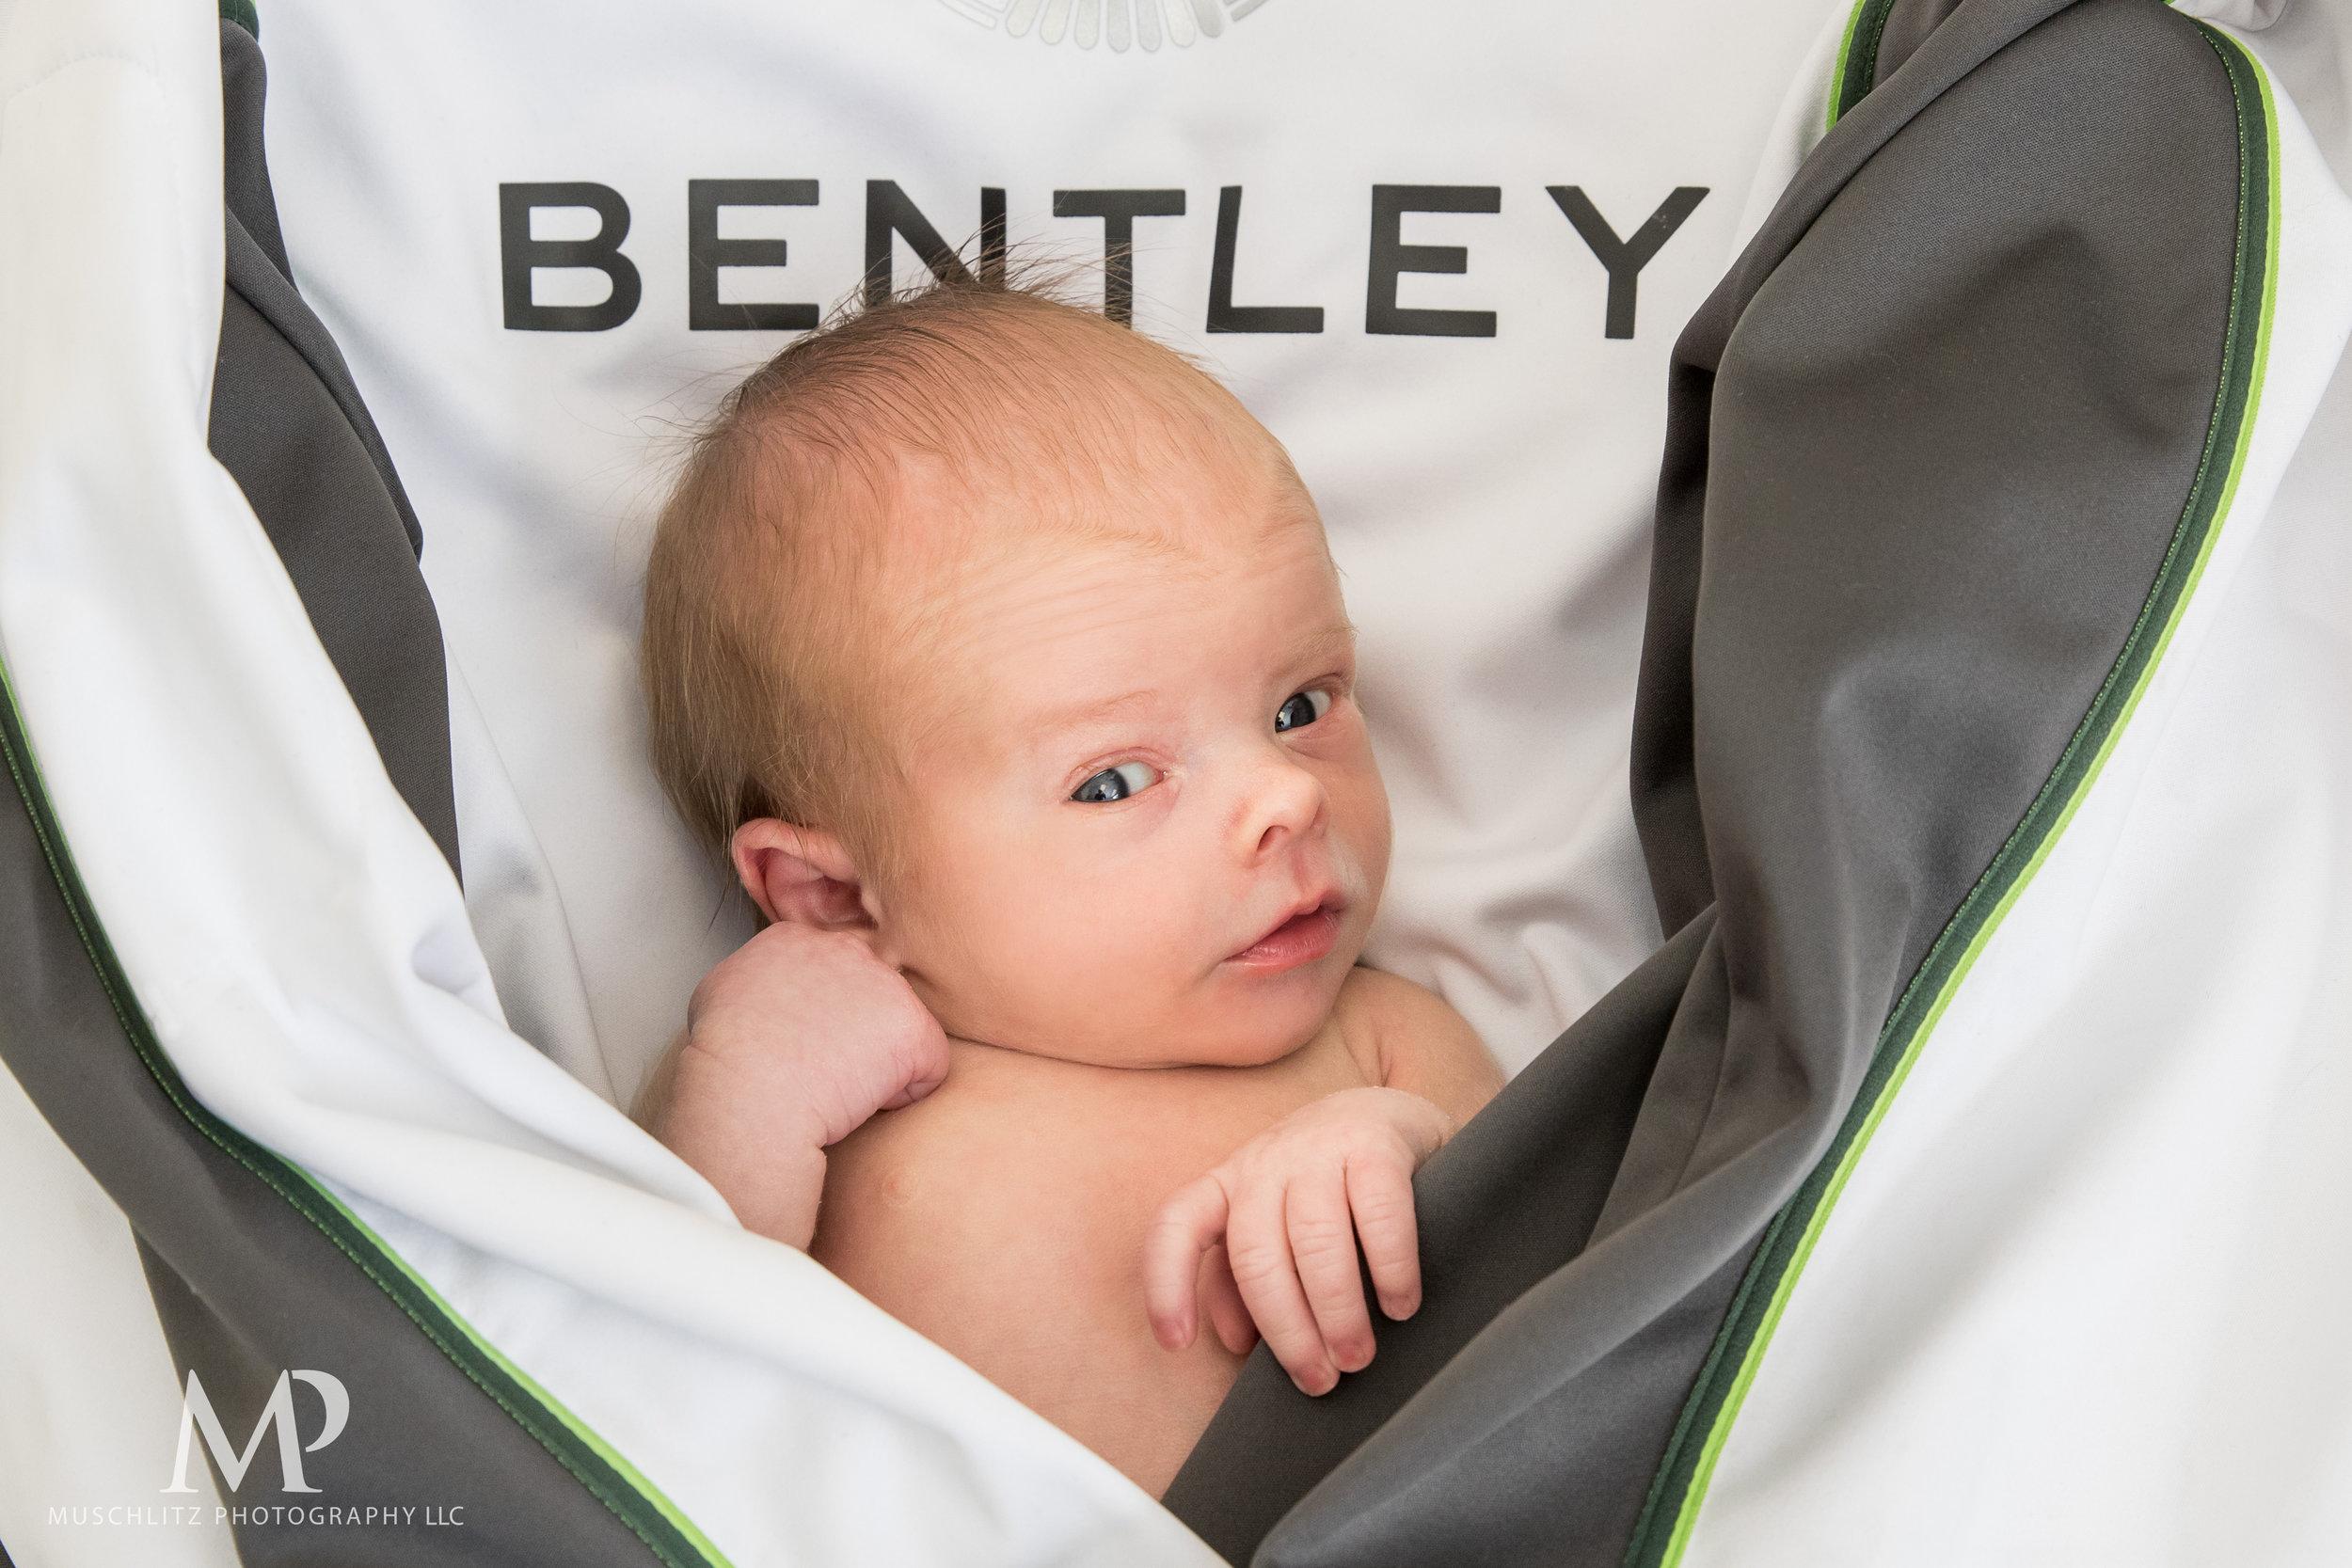 newborn-baby-photographer-columbus-ohio-gahanna-muschlitz-photography-015.JPG